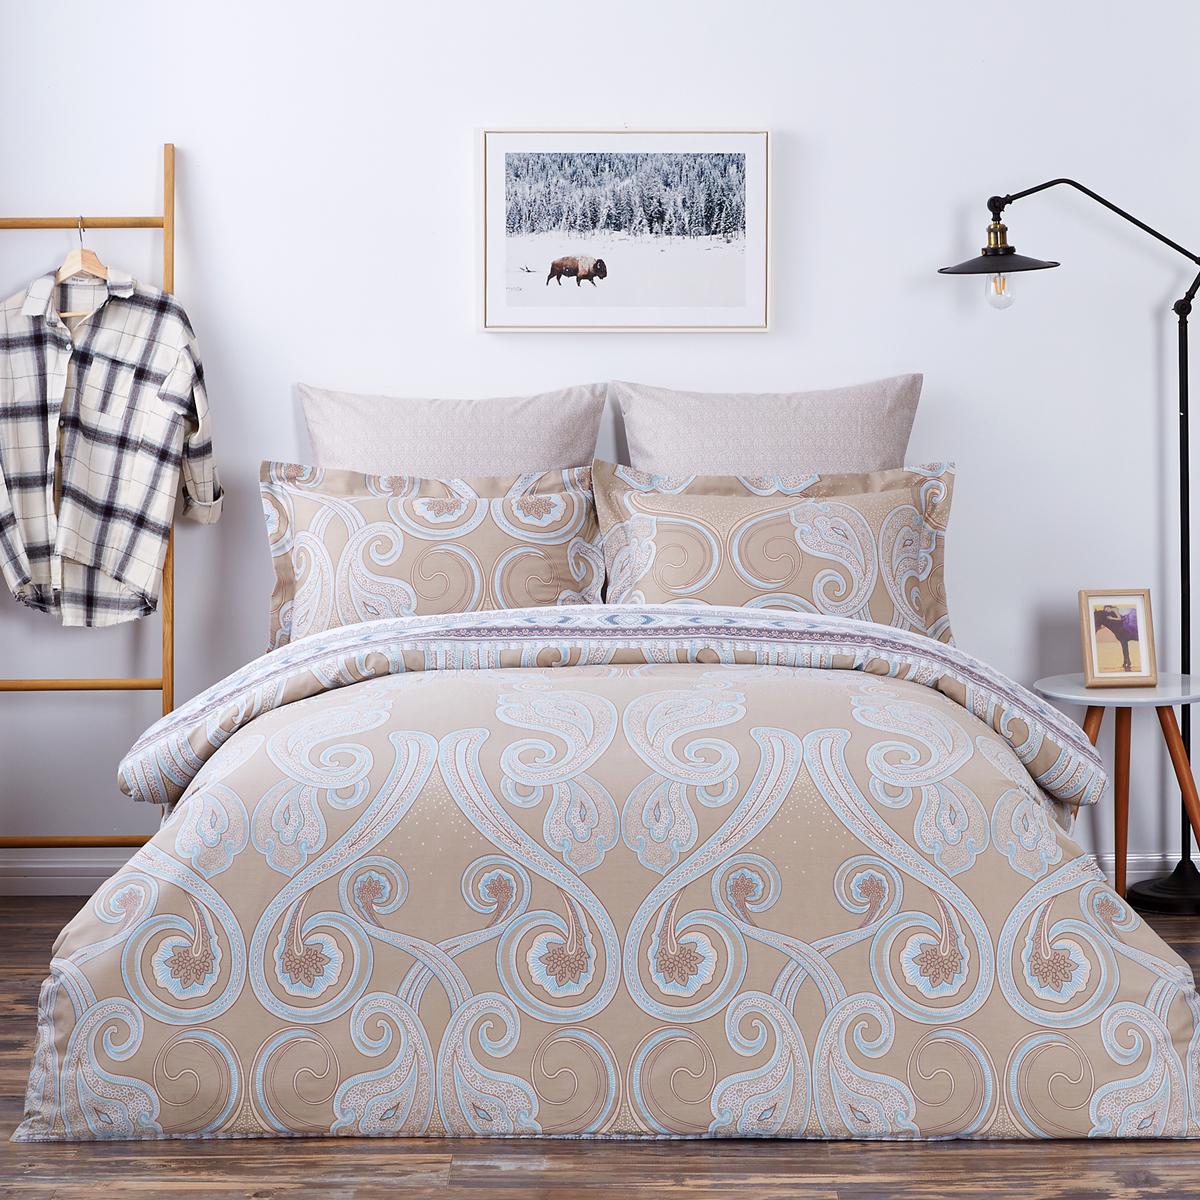 Купить Комплекты постельного белья Arya, Постельное белье Tierra (2 сп. евро), Турция, Бежевый, Хлопковый сатин